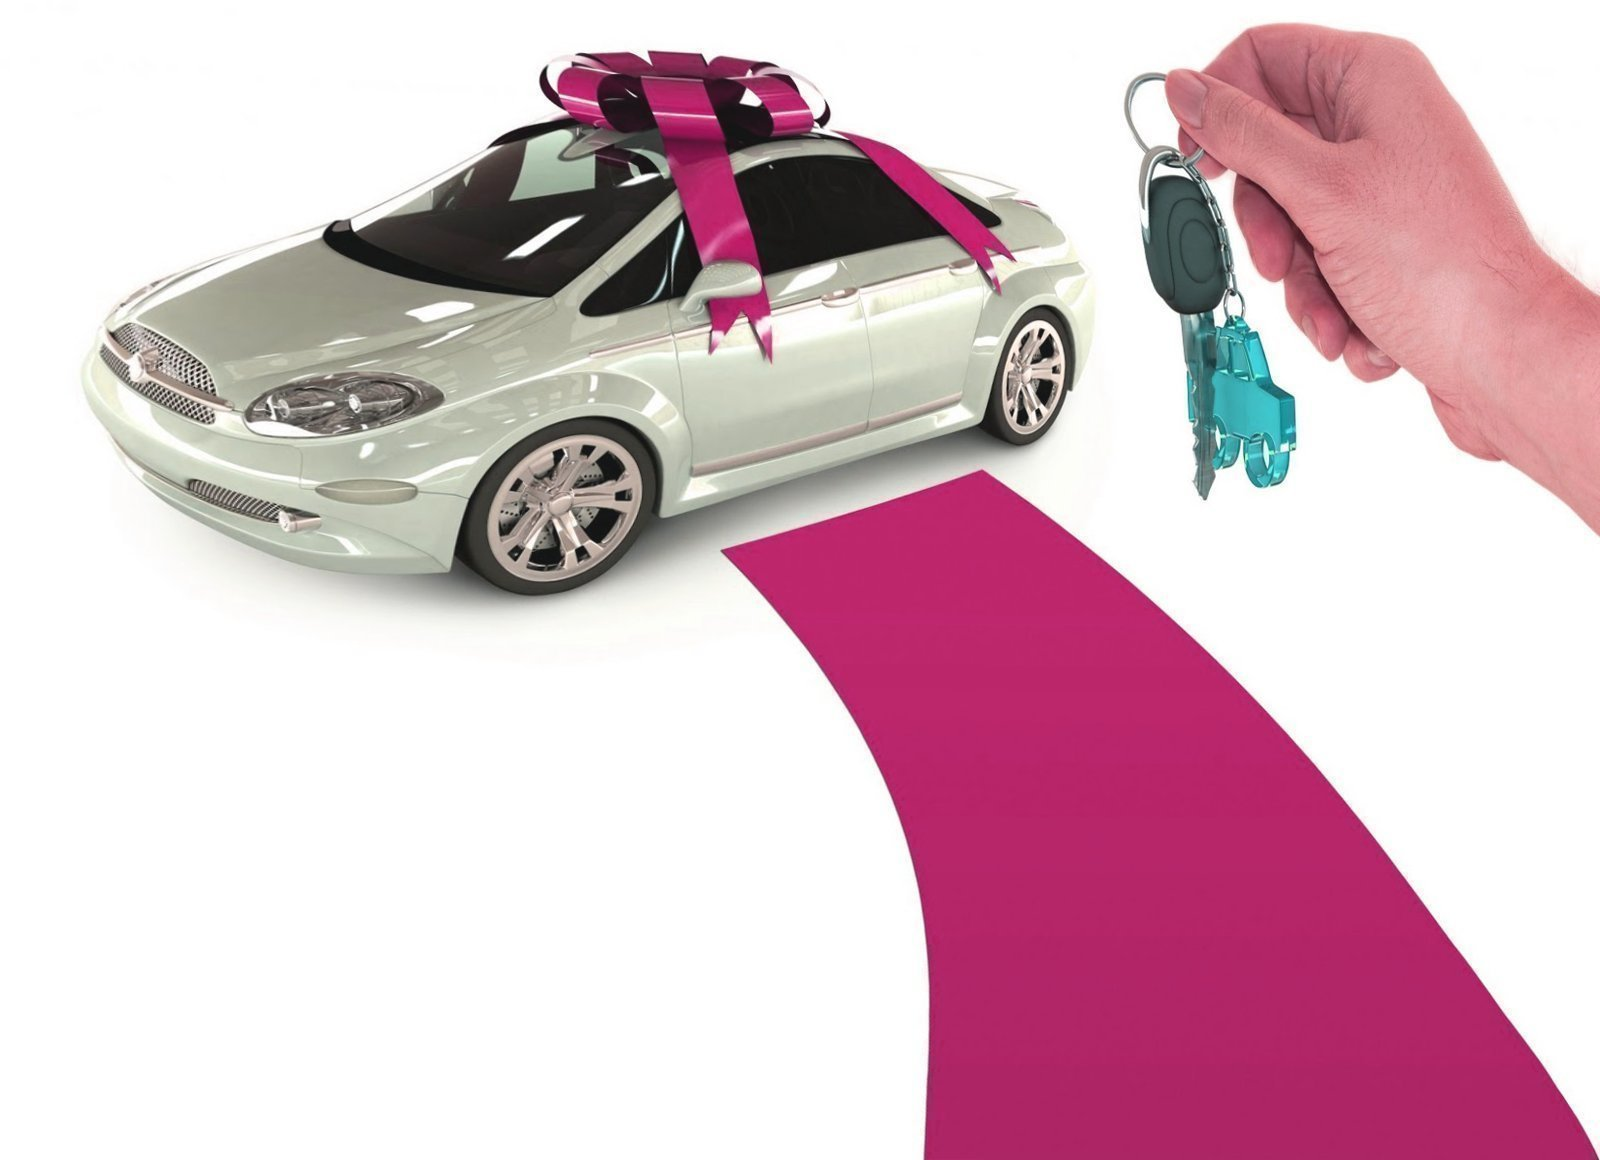 кредит на машину где лучше взять владеющий техникой